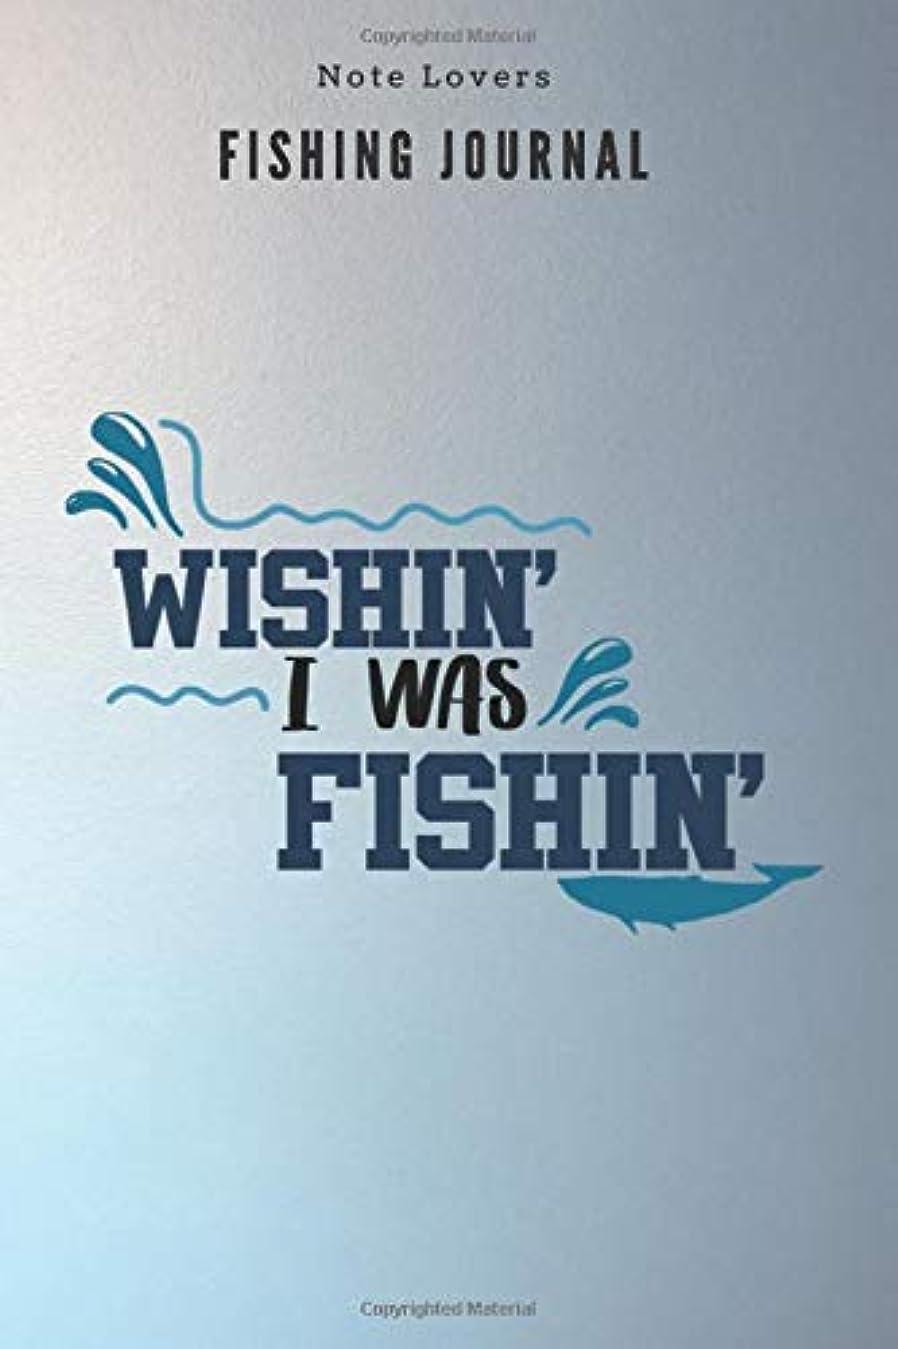 絶対に著名な勤勉Wishin I was Fishin - Fishing Journal: Fishing Log Book | Perfect Gift For Gift for Fishing Lover